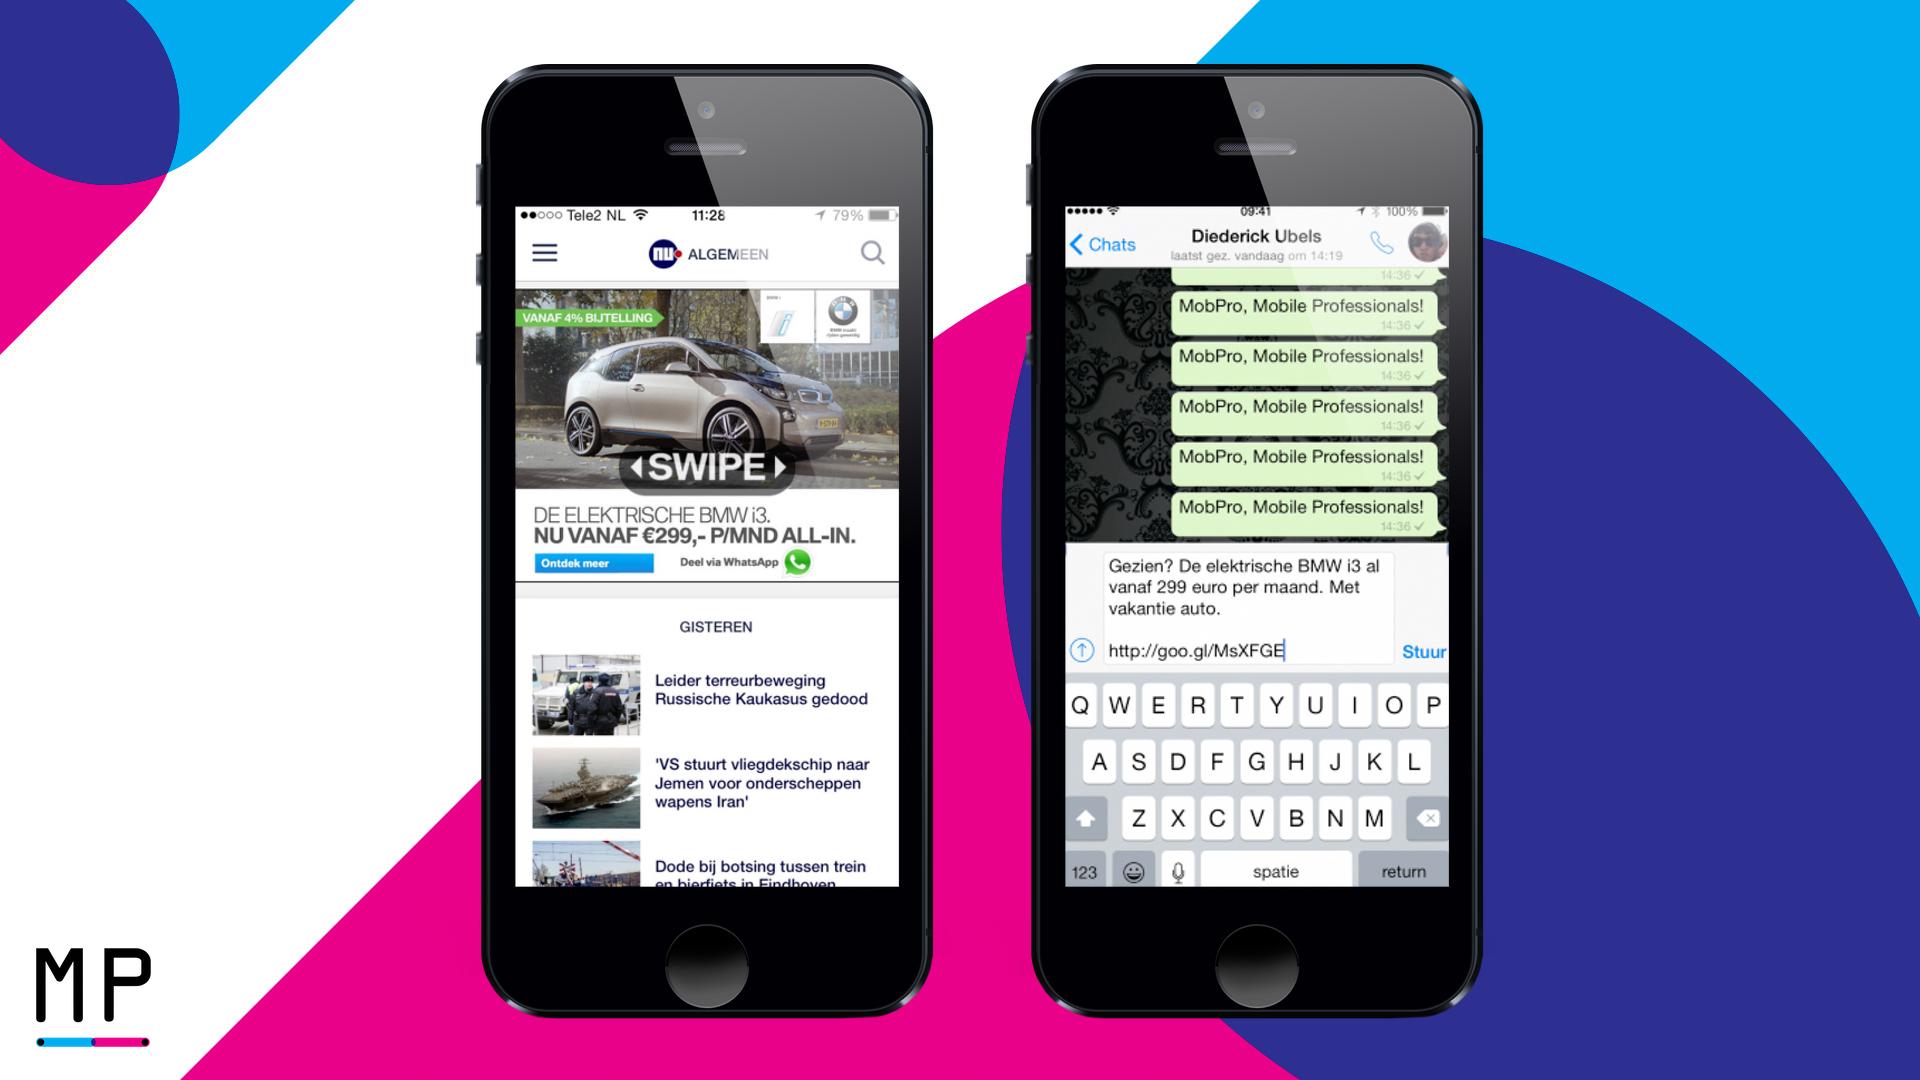 Gebruikers delen de video van de nieuwe BMW i3 met hun vrienden.